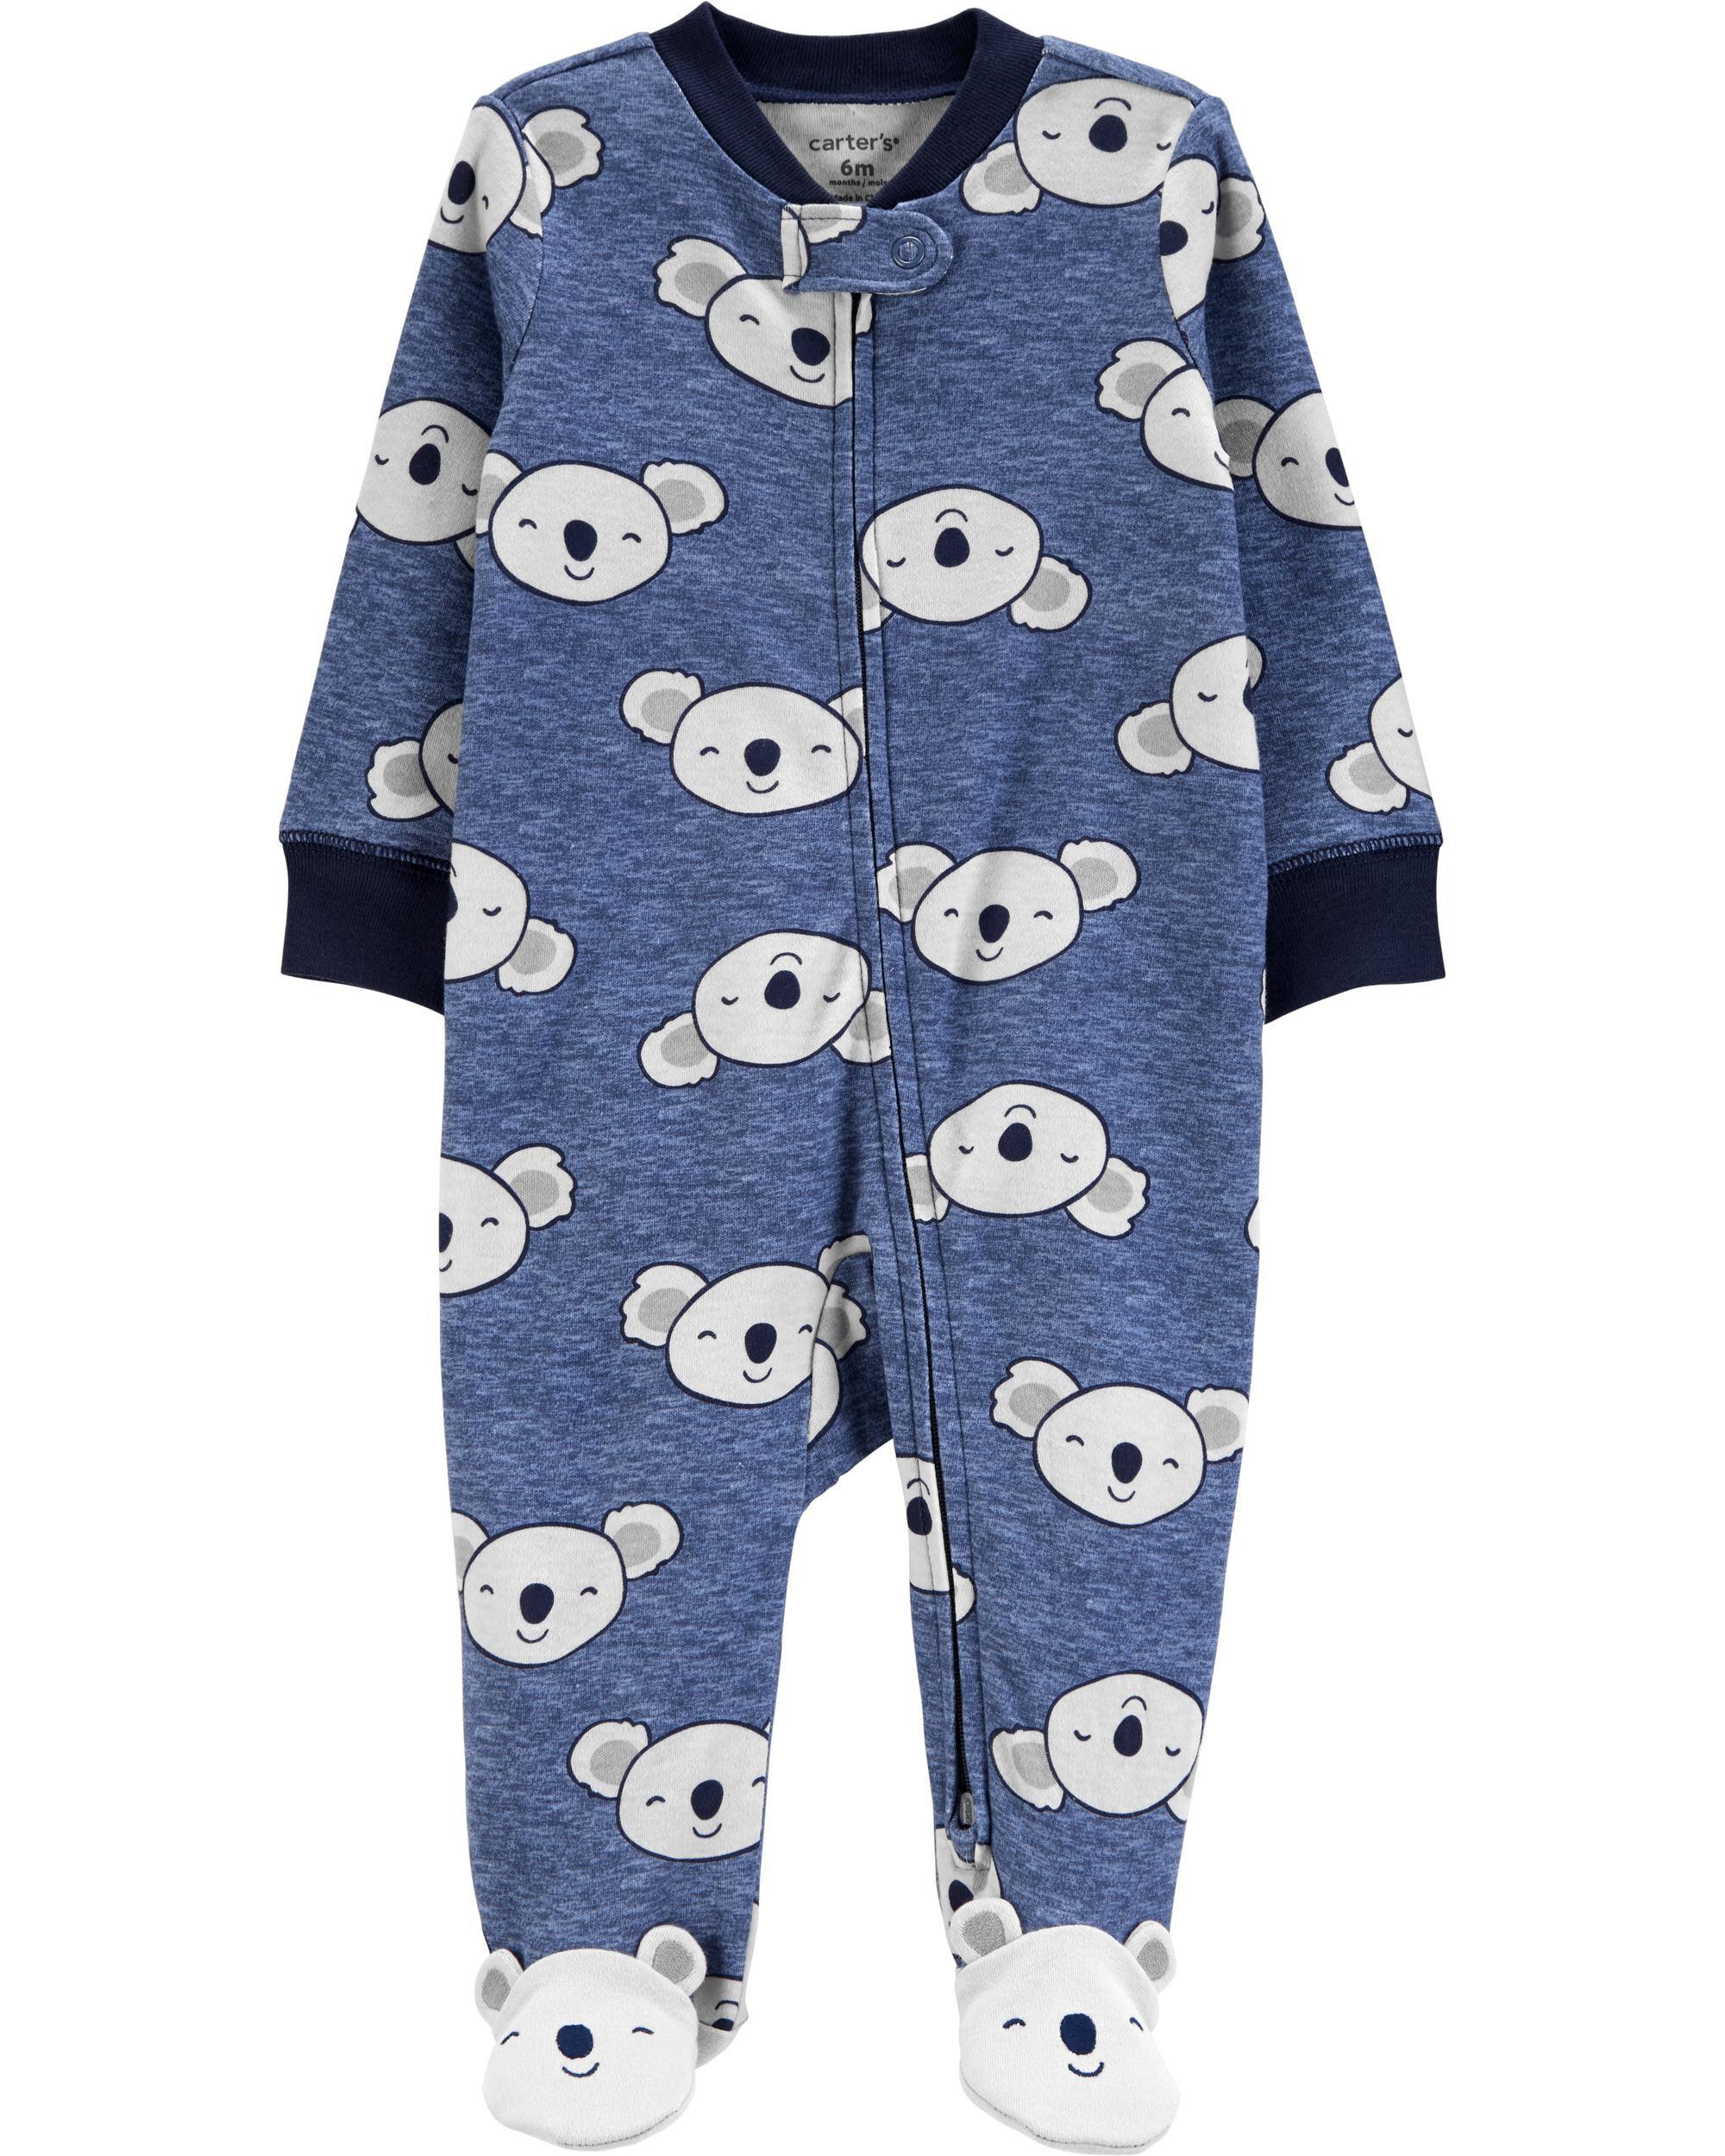 *DOORBUSTER* Koala 2-Way Zip Cotton Sleep & Play